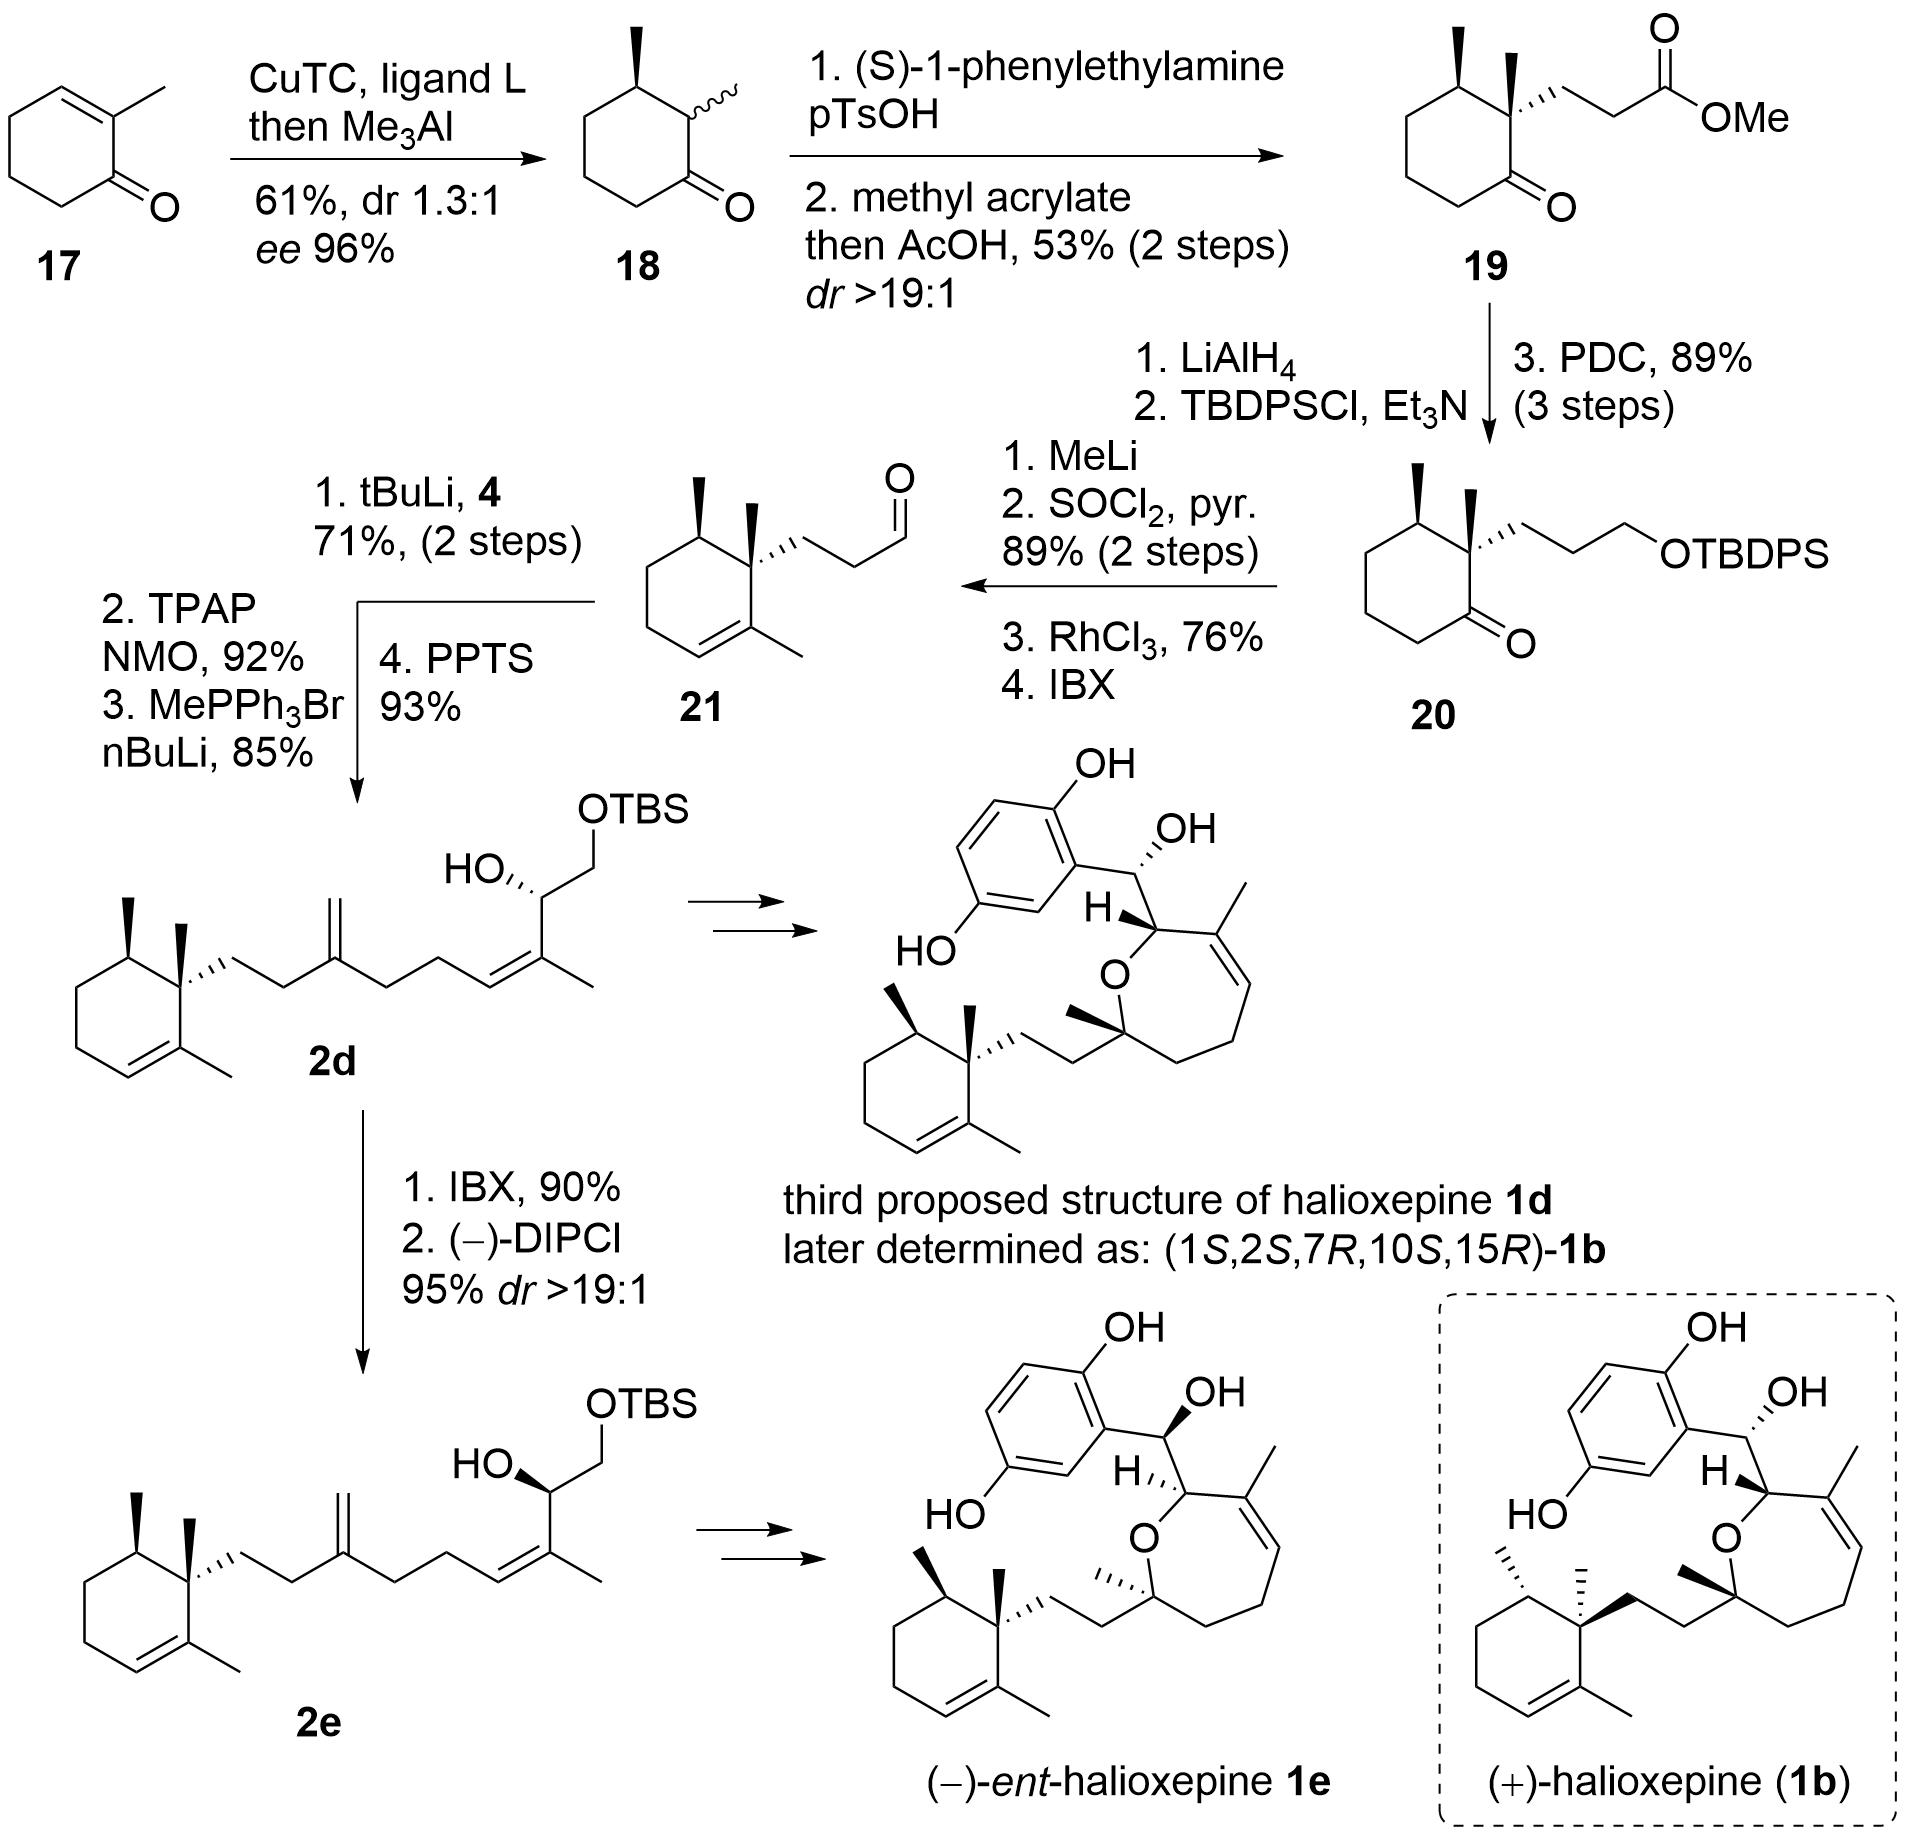 halioxepine-5.png